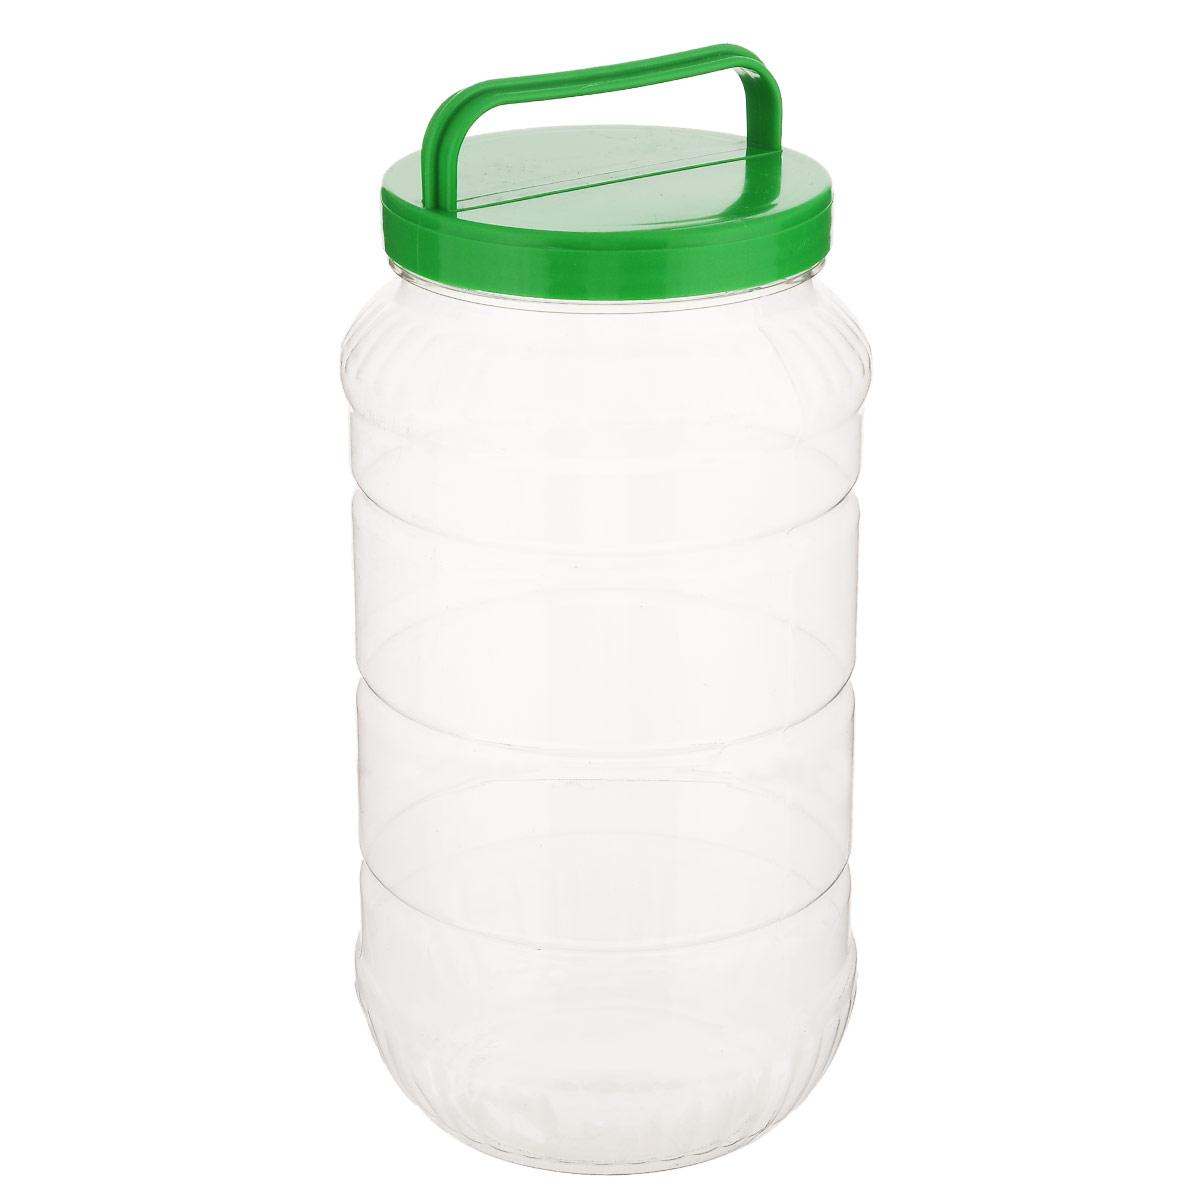 Бидон Альтернатива, цвет: зеленый, 3 лМ462_зеленыйБидон Альтернатива предназначен для хранения и переноски пищевых продуктов, таких как молоко, вода и прочее. Выполнен из пищевого высококачественного ПЭТ. Оснащен ручкой для удобной переноски. Бидон Альтернатива станет незаменимым аксессуаром на вашей кухне. Высота бидона (без учета крышки): 25 см. Диаметр: 10,5 см.